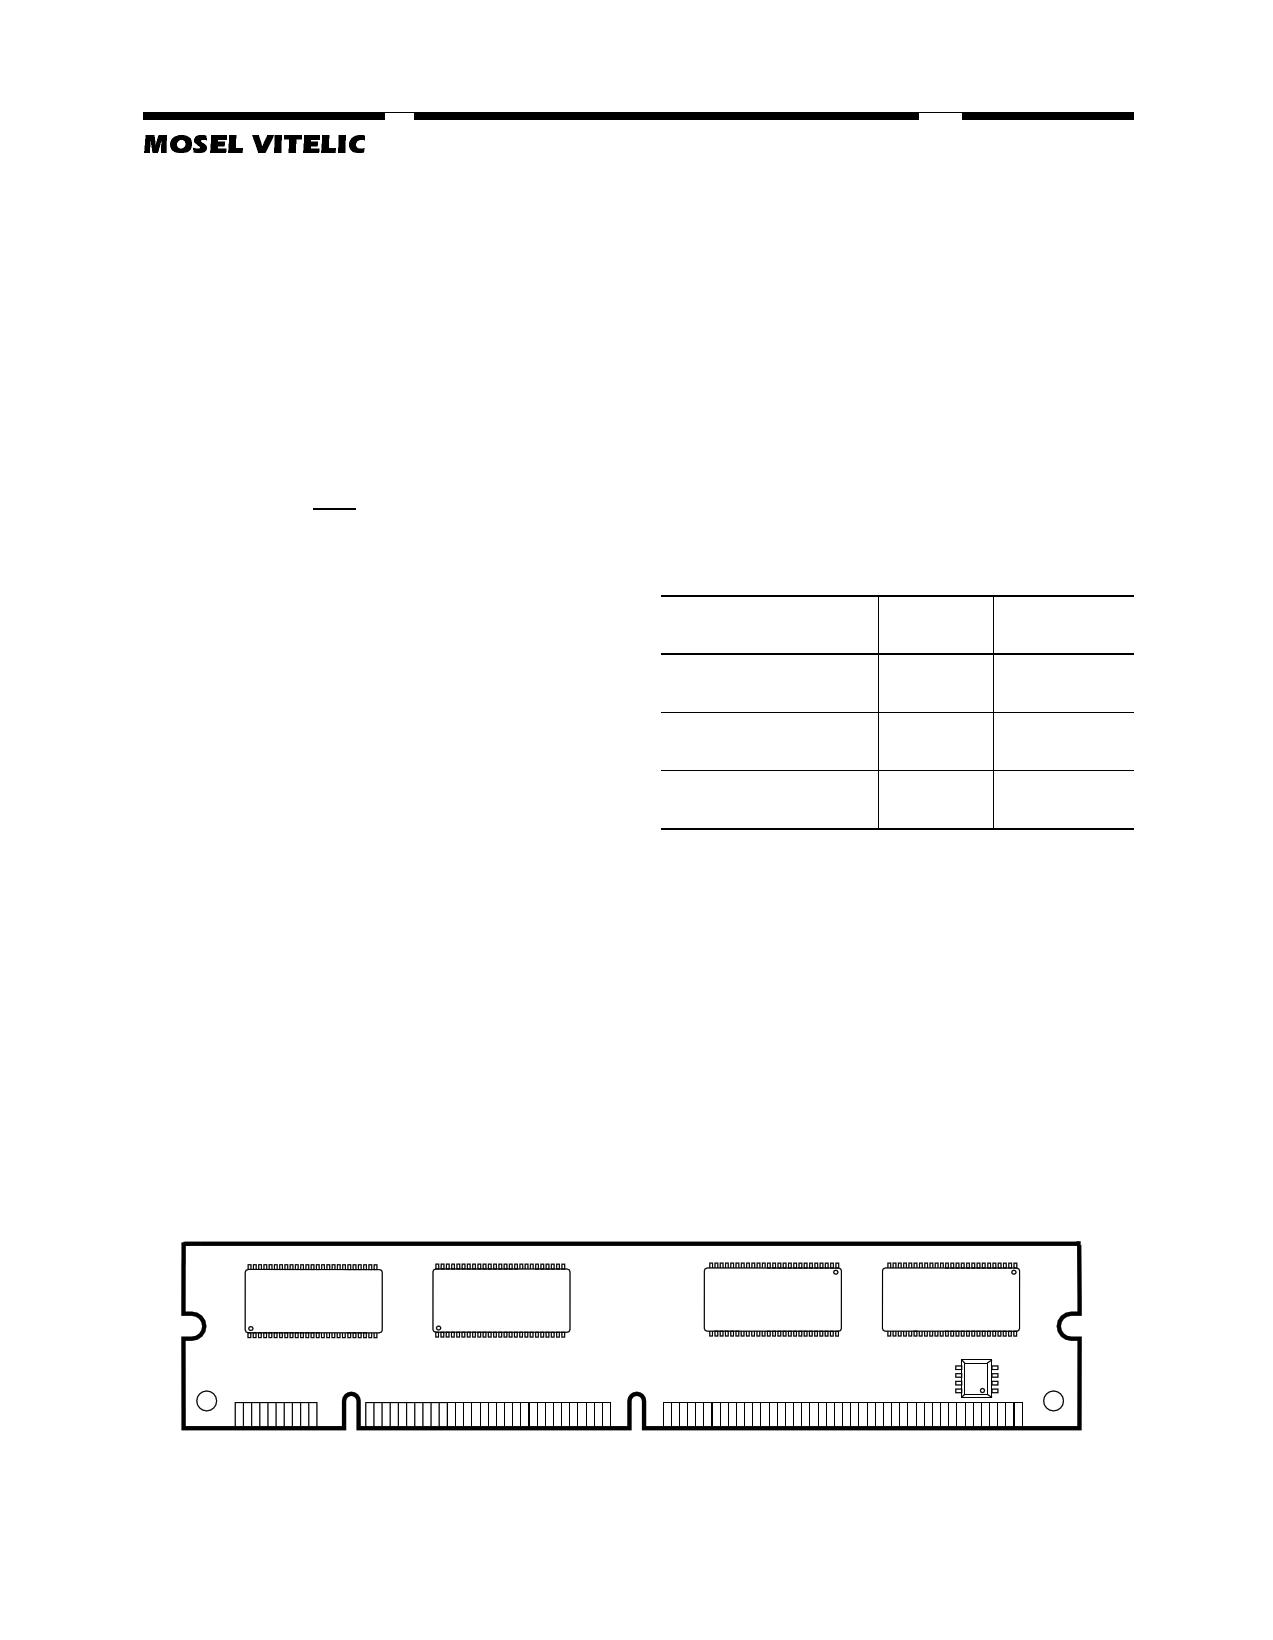 v436516r04vxtg-10pcl datasheet pdf   pinout